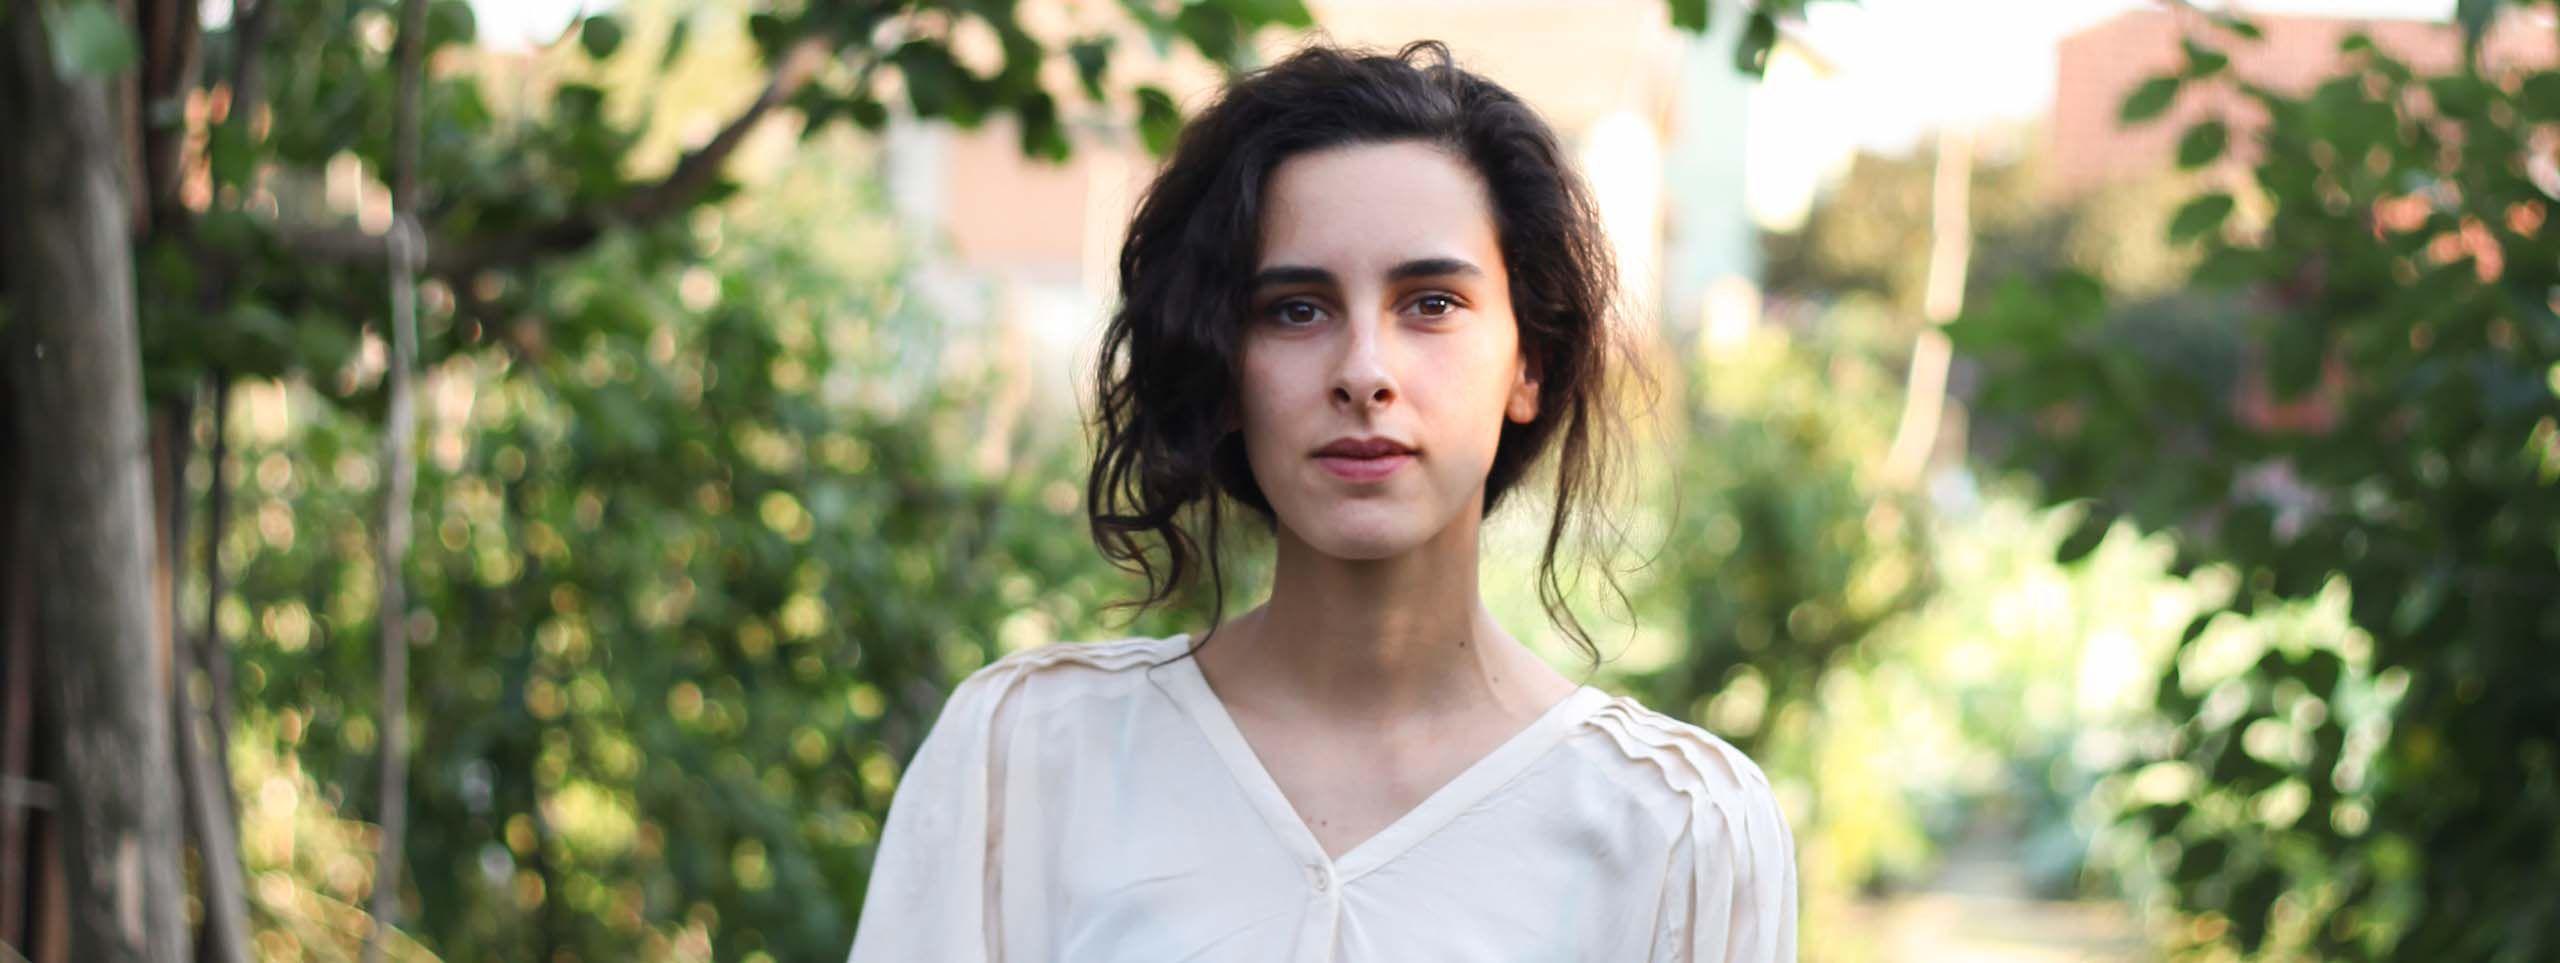 Jeune femme brune avec une coiffure romantique ondulée et une blouse blanche